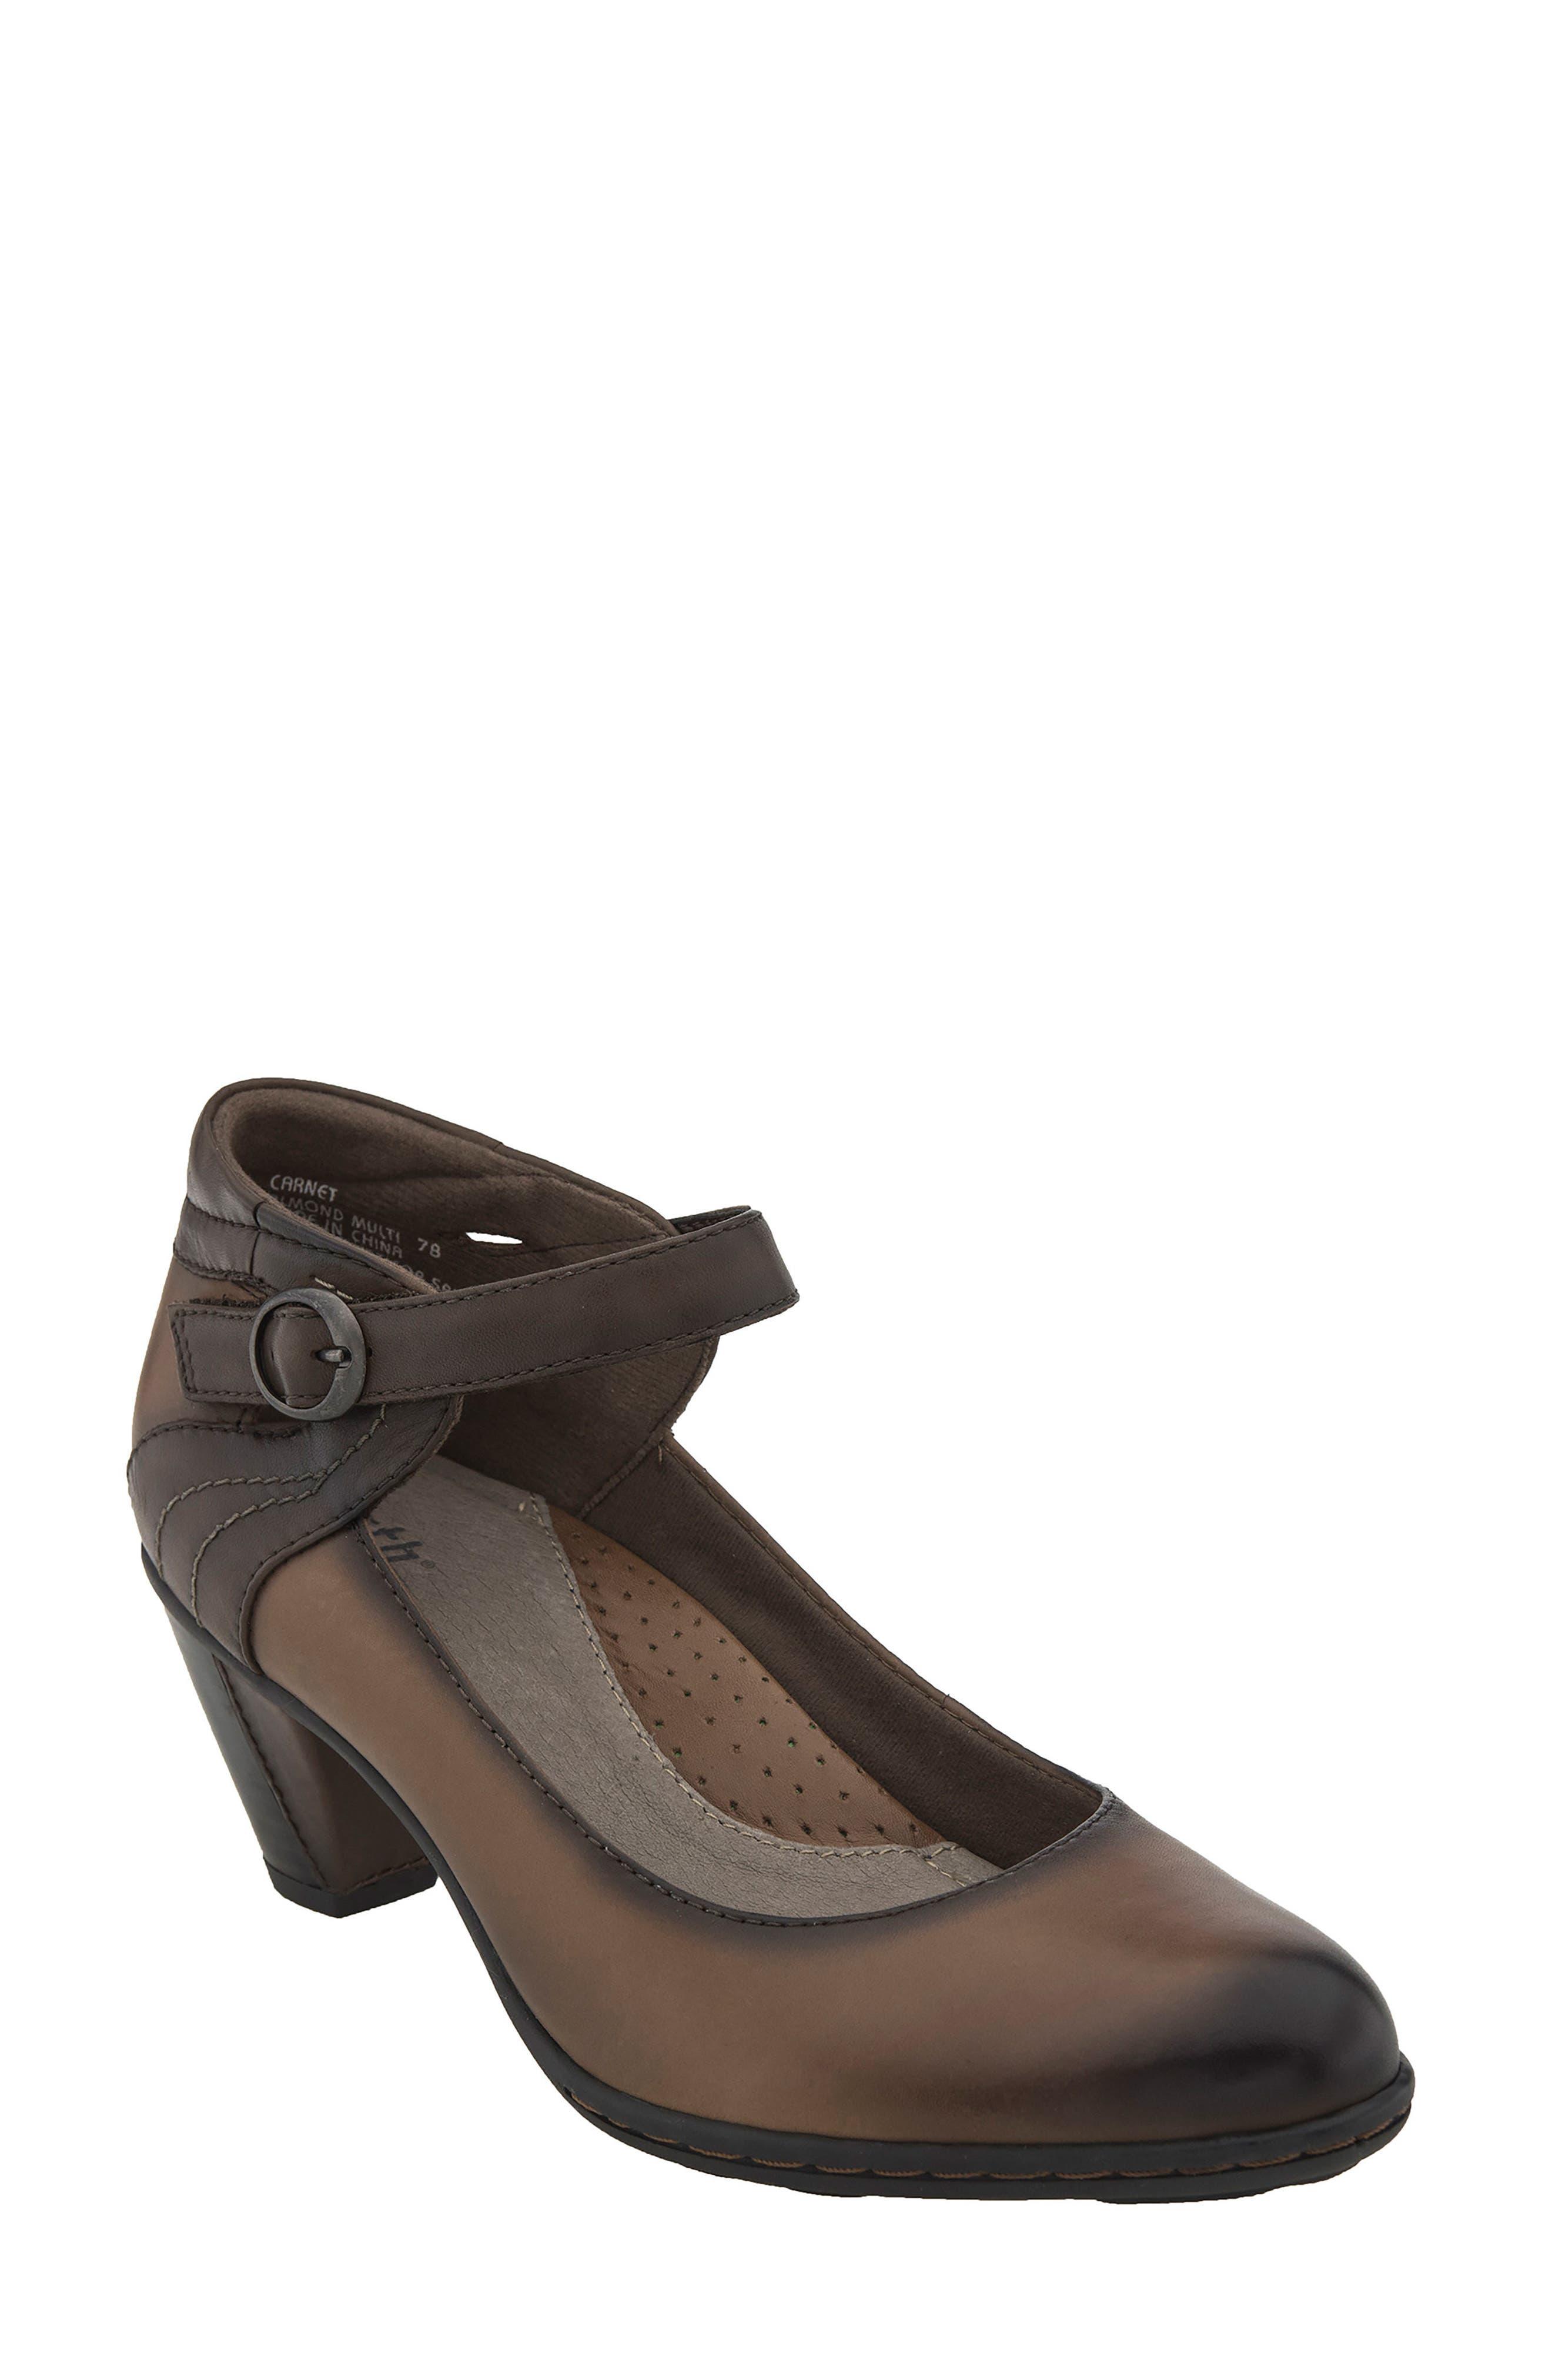 Earth® Garnet Ankle Strap Pump (Women)